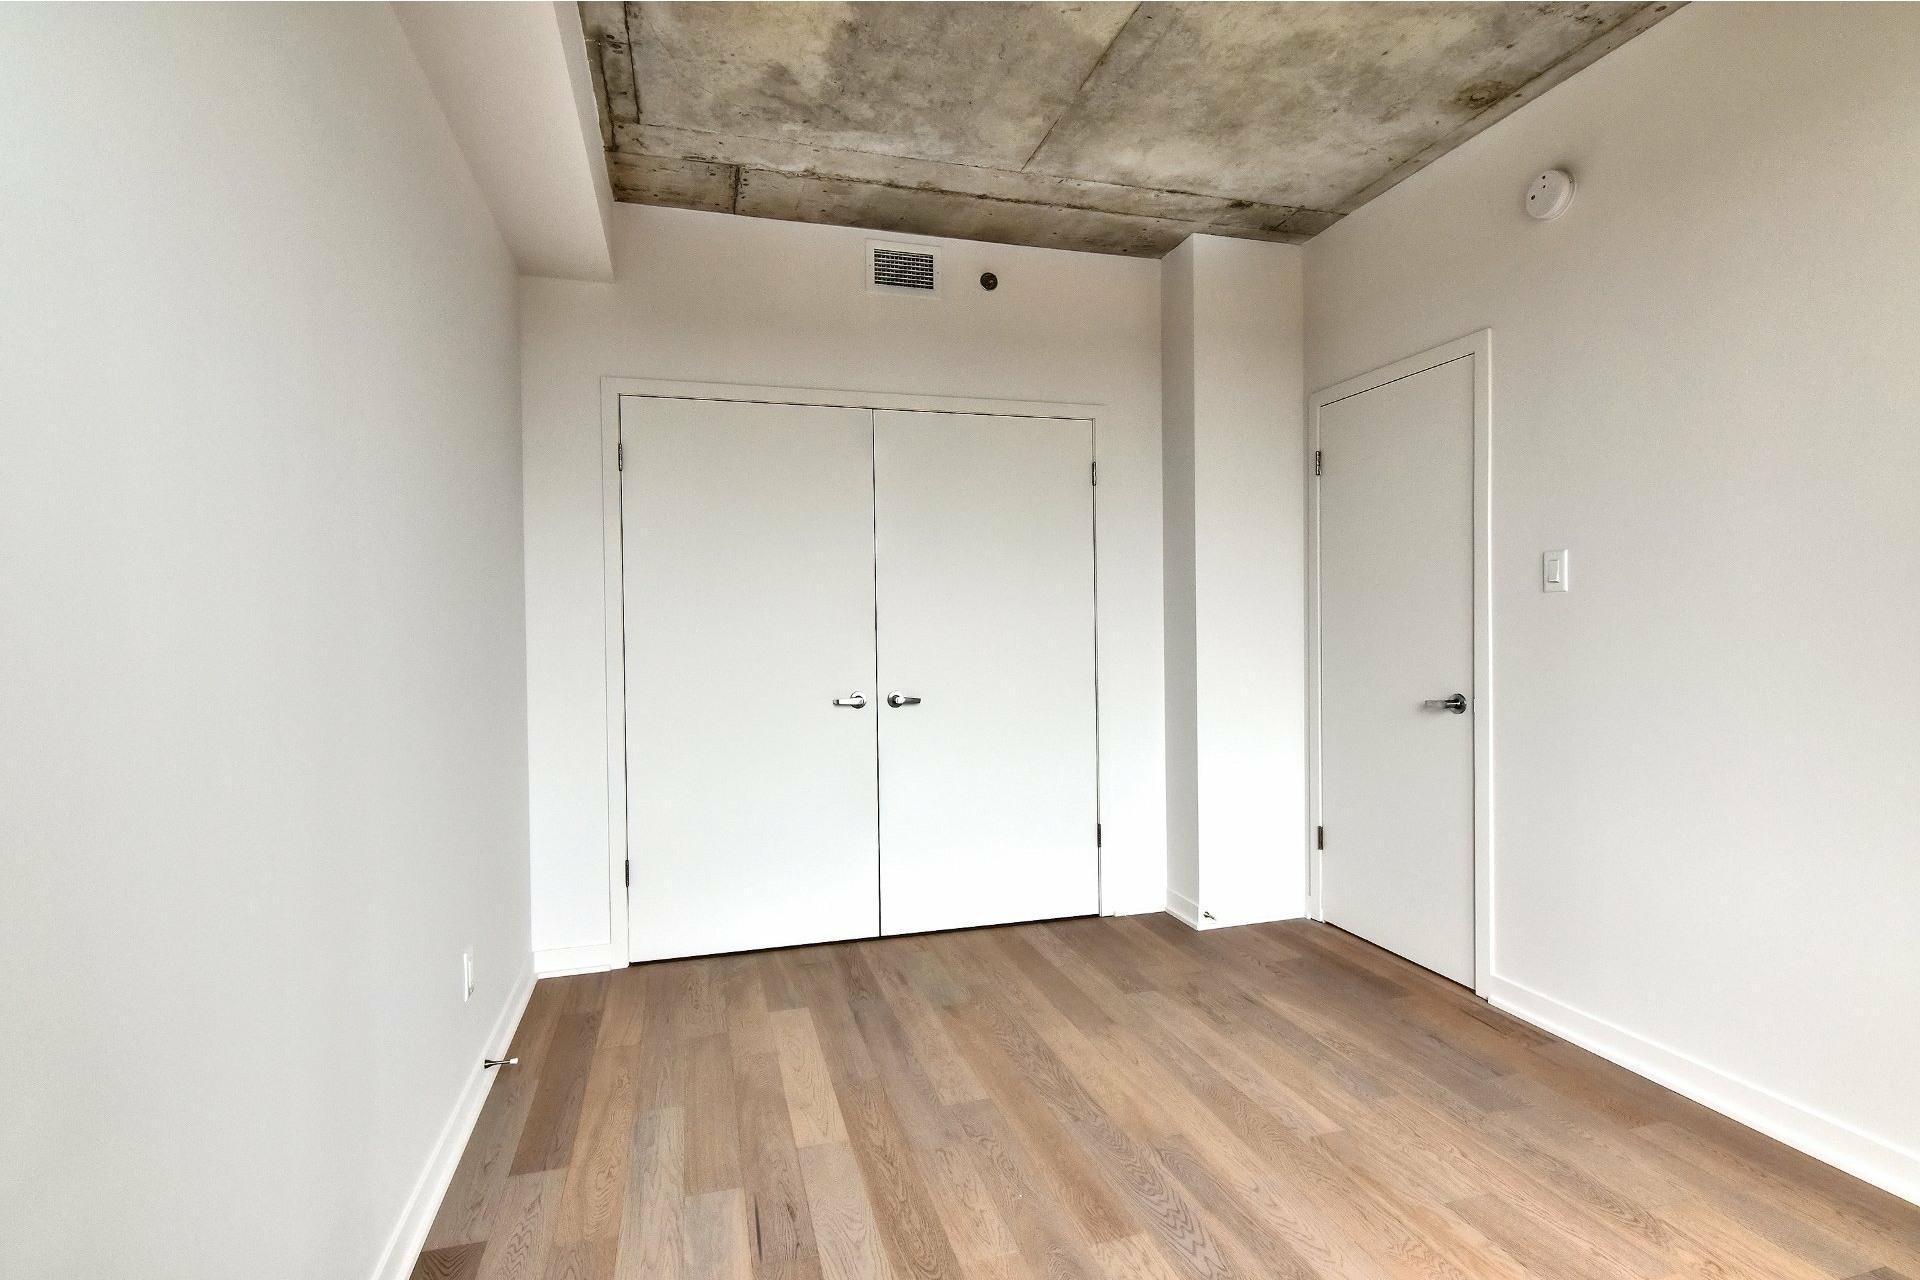 image 8 - Appartement À louer Brossard - 4 pièces